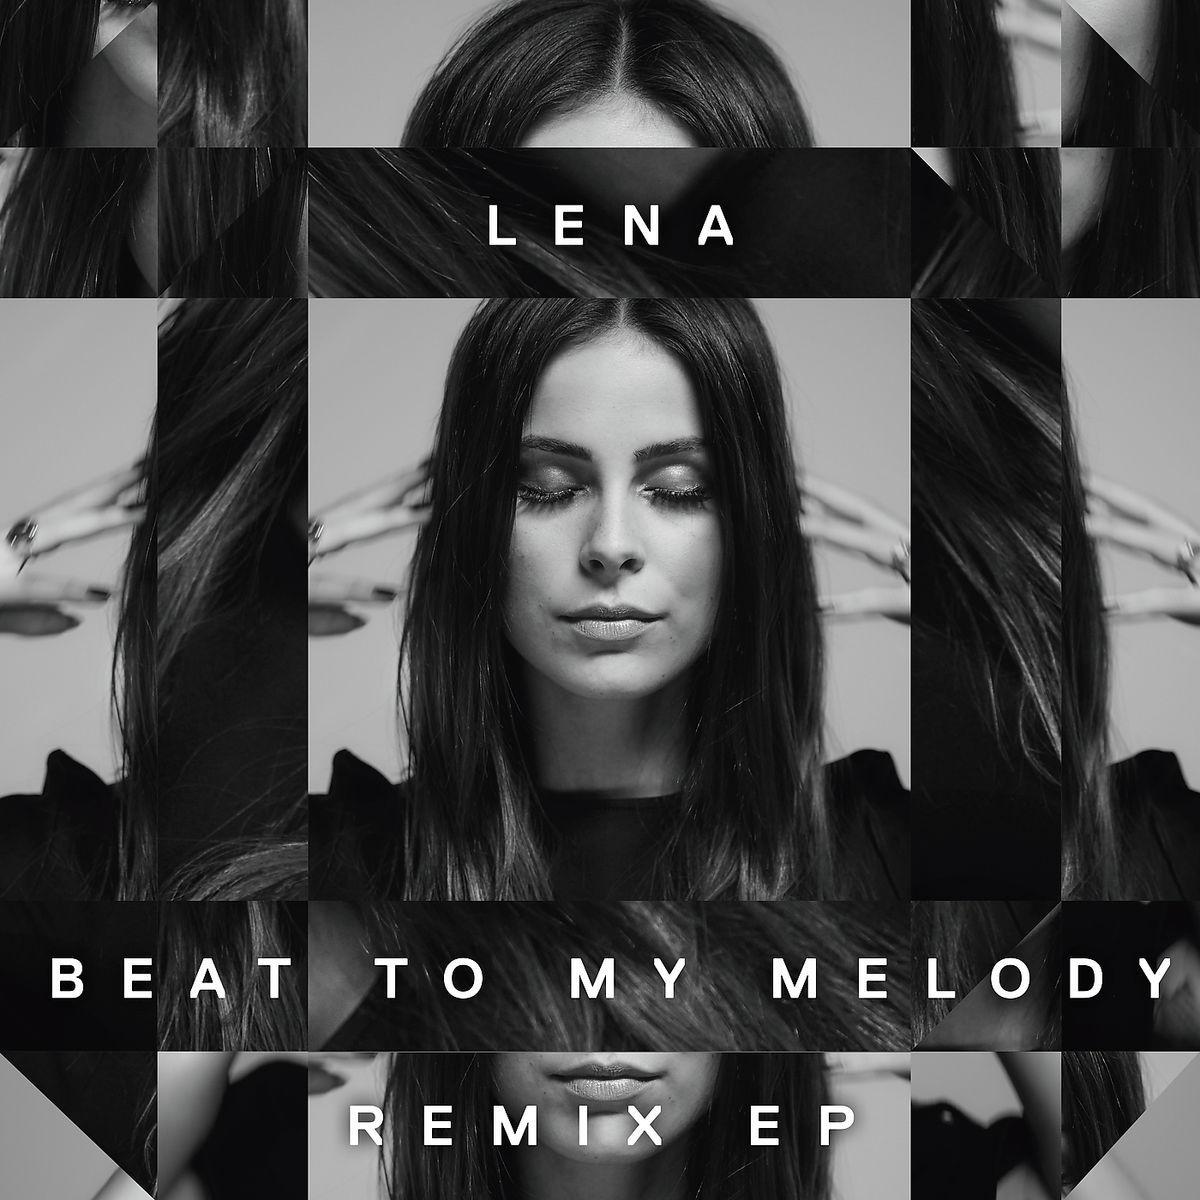 Lena Start